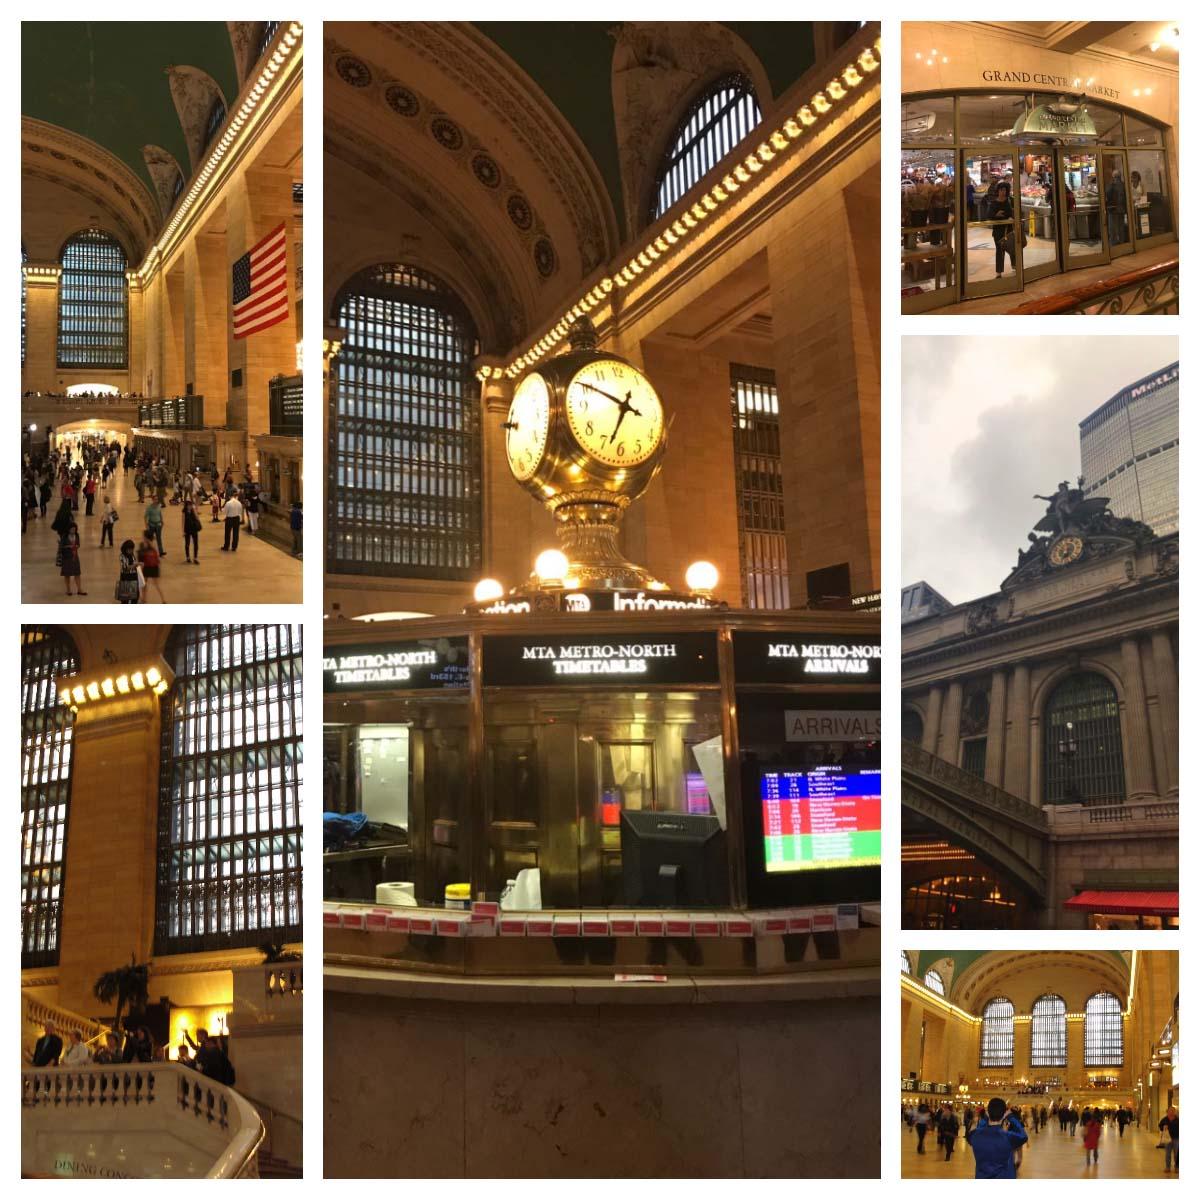 Grand Central Terminal, Nova York, EUA